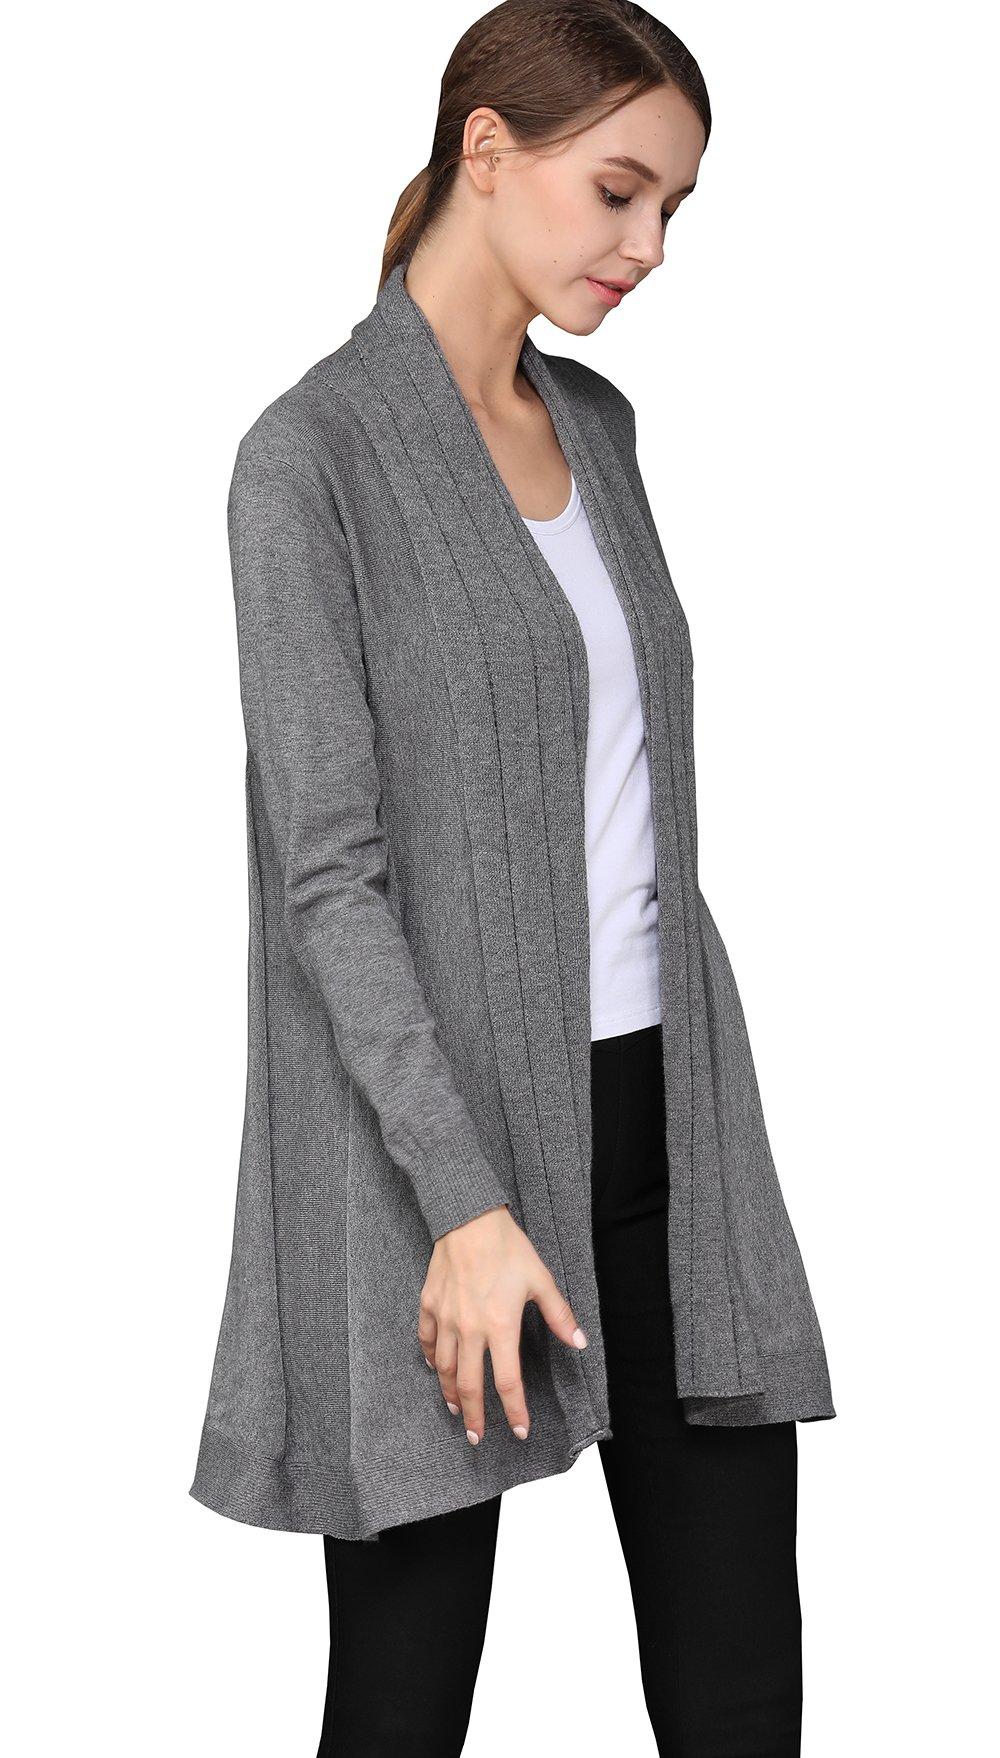 shengweiao Womens Long Sleeve Classic Knit Cardigan Sweater (Large, Dark Grey) by shengweiao (Image #6)